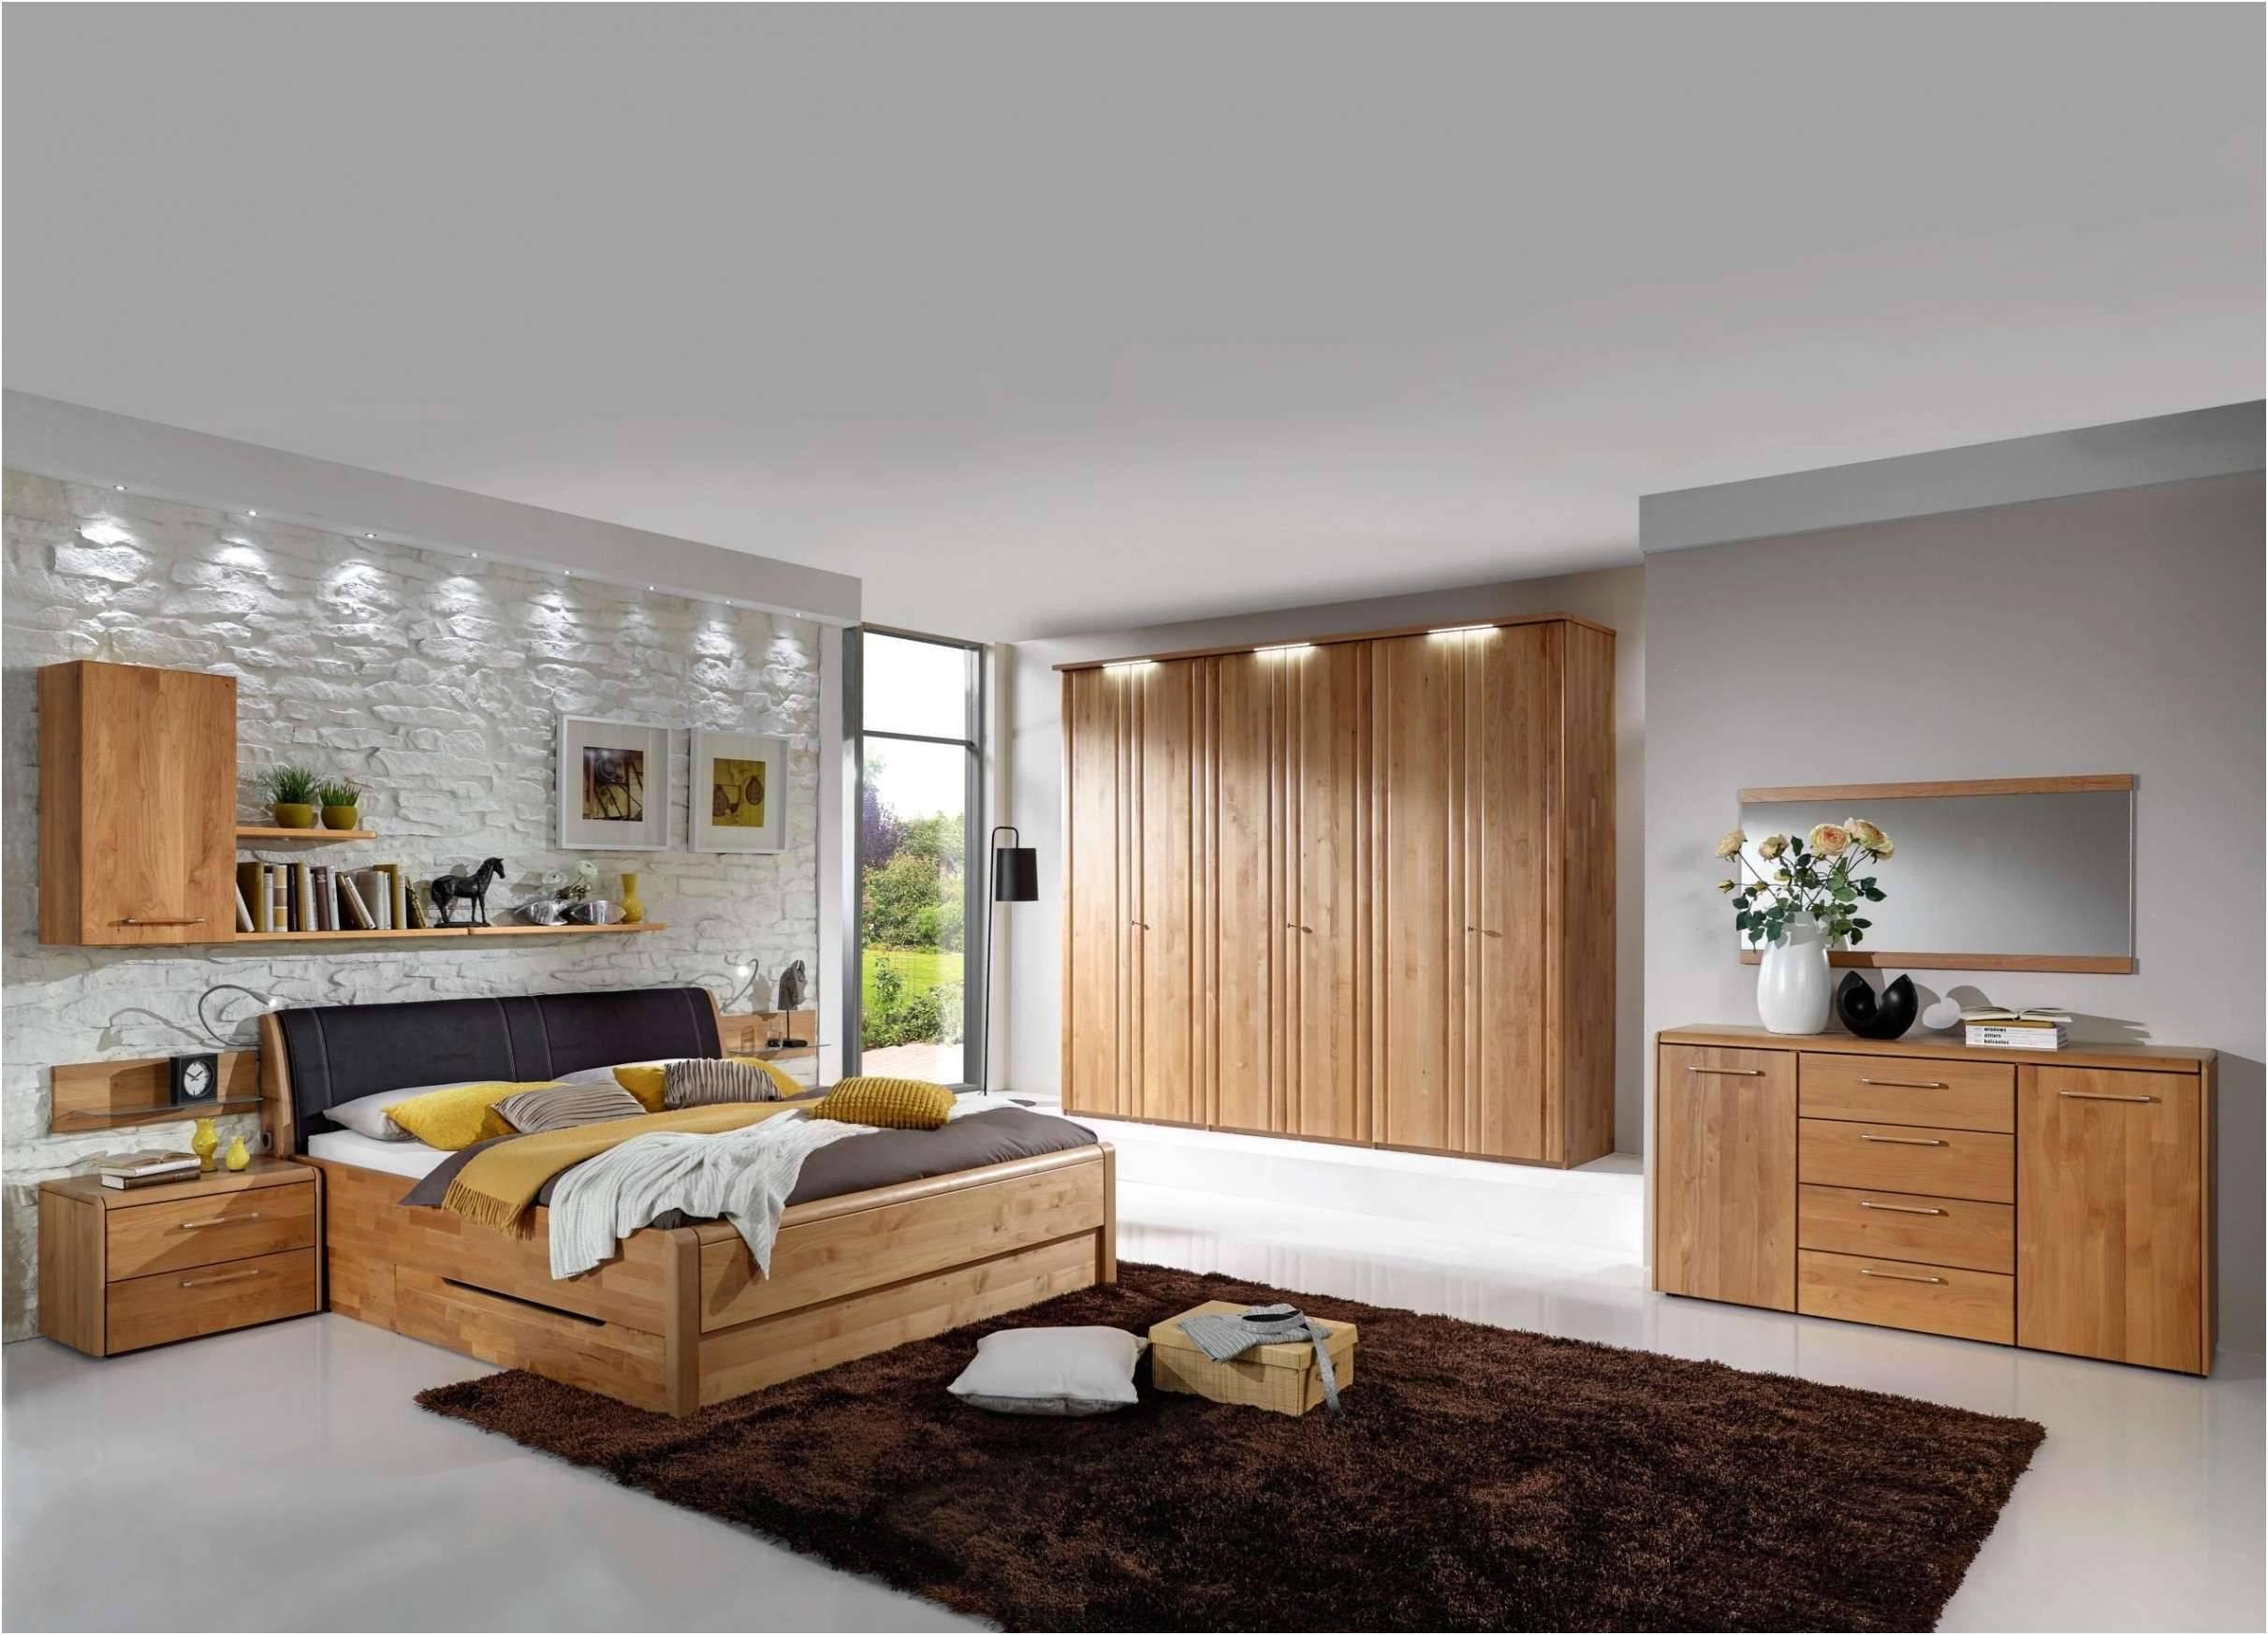 wohnzimmer dekoration online shop neu otto mobel wohnzimmer best wohnzimmer sessel schon joop sessel of wohnzimmer dekoration online shop